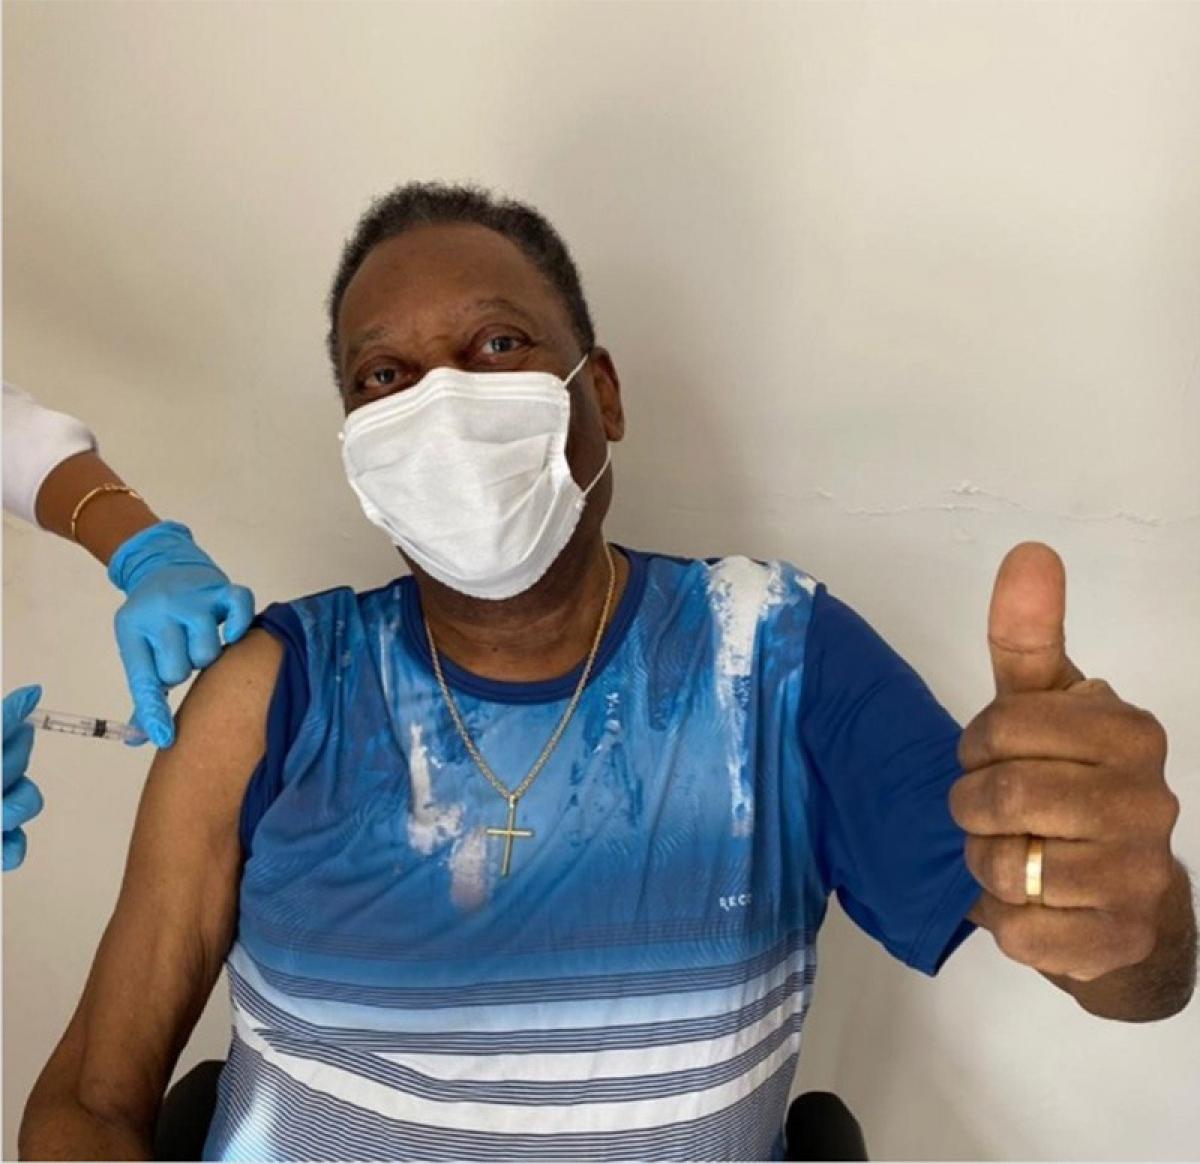 Vua bóng đá Pele được ưu tiên tiêm vaccine ngừa Covid-19 (Ảnh: Twitter).